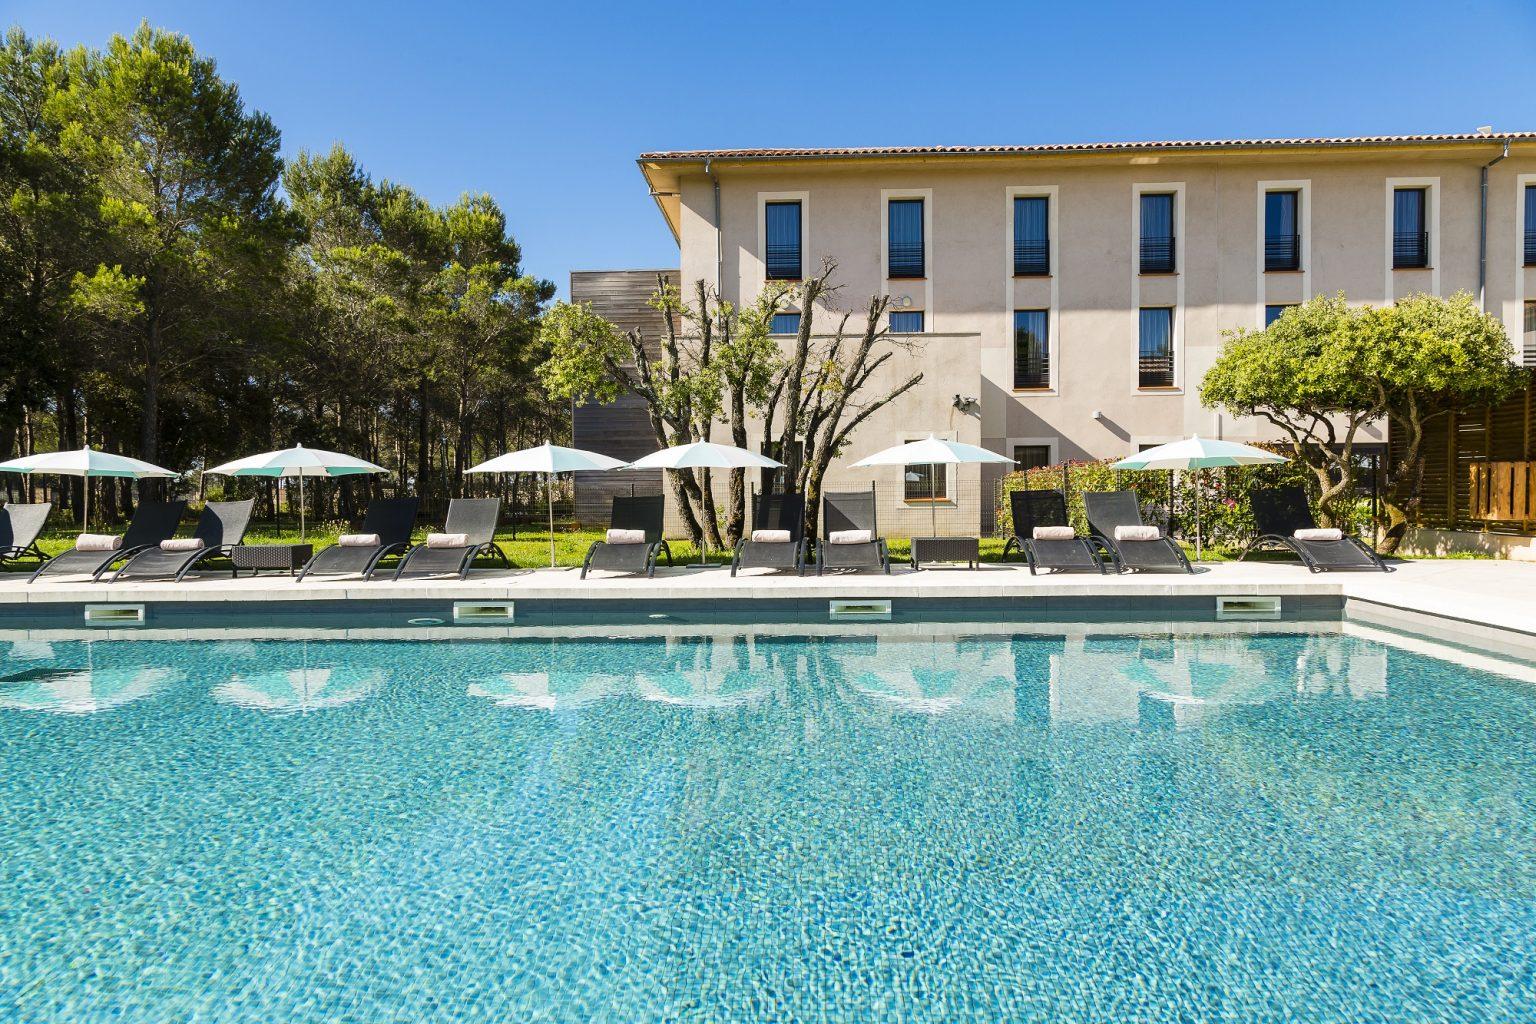 piscine hotel circuit castellet